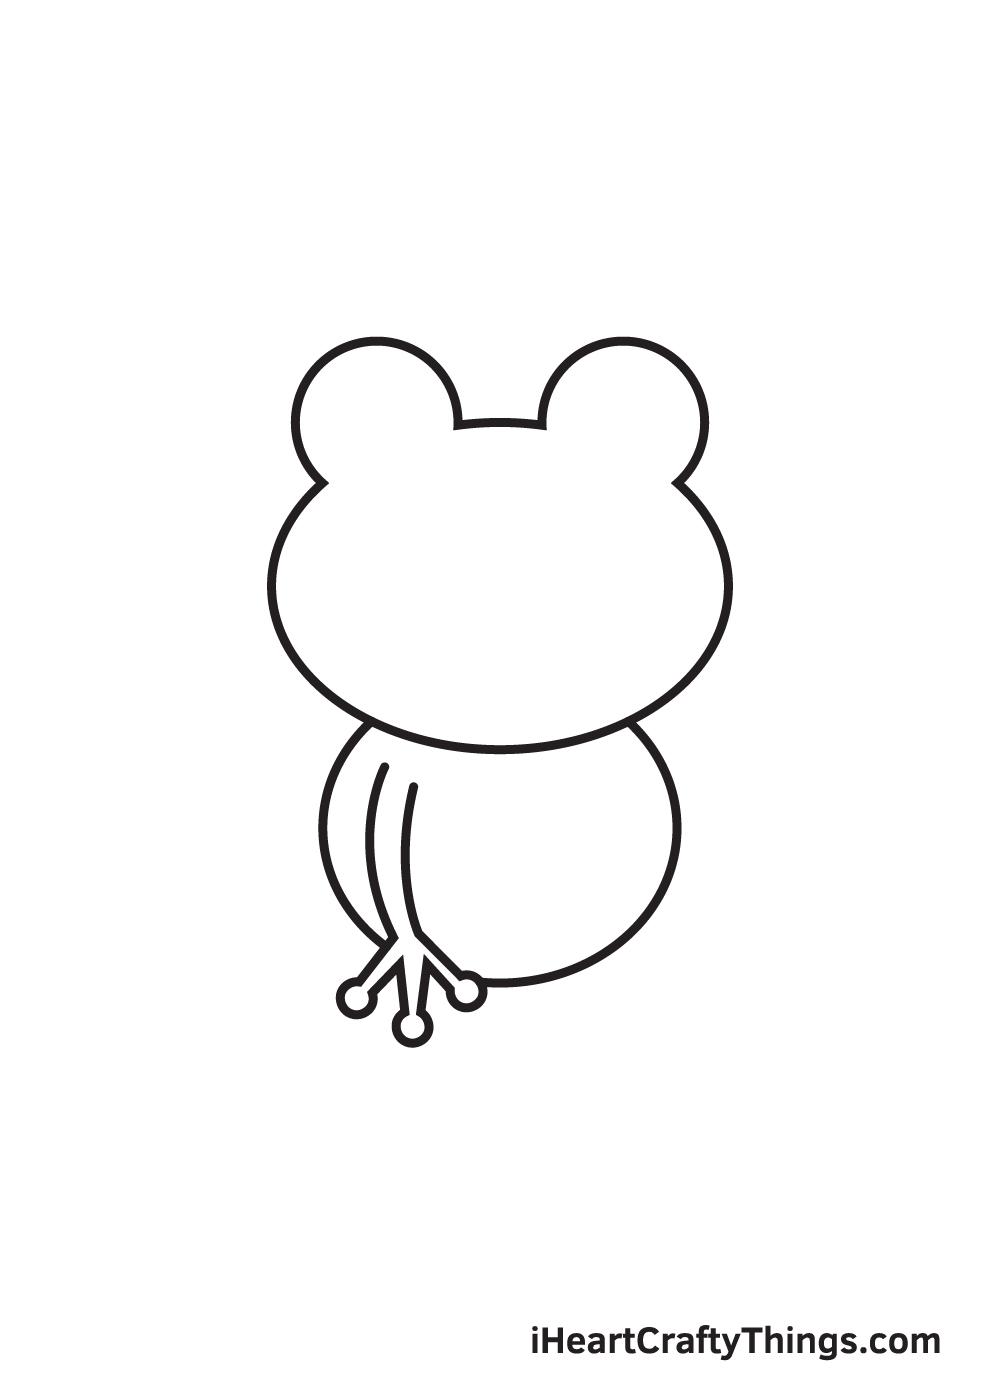 Vẽ ếch - Bước 3